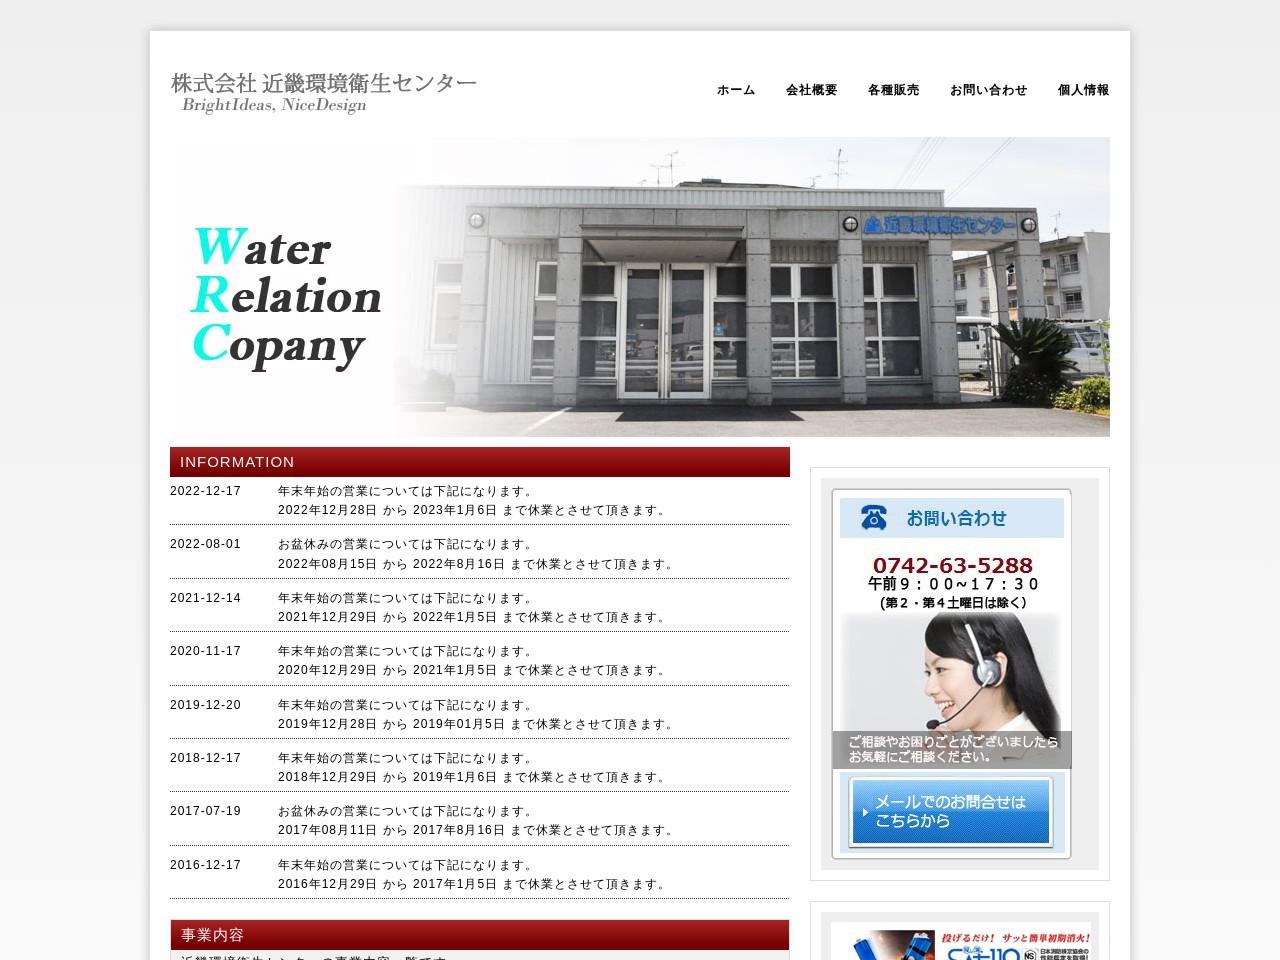 株式会社近畿環境衛生センター